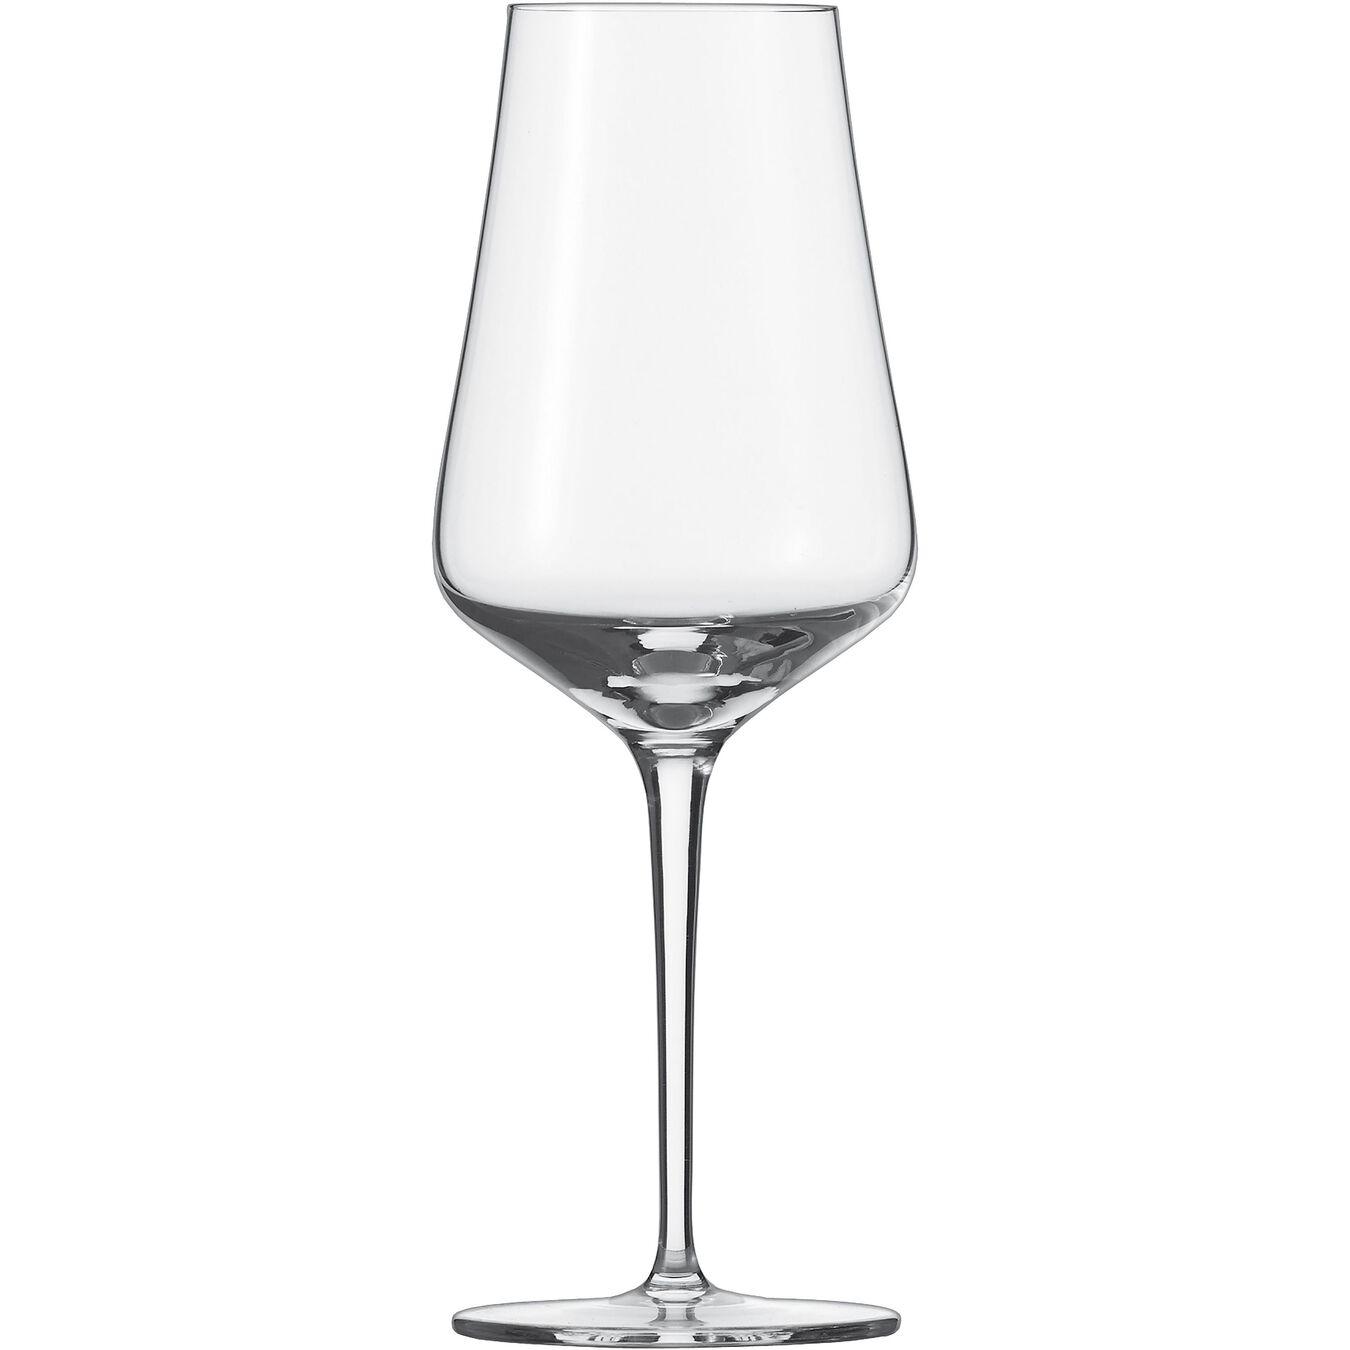 Beyaz Şarap Kadehi, 370 ml,,large 1